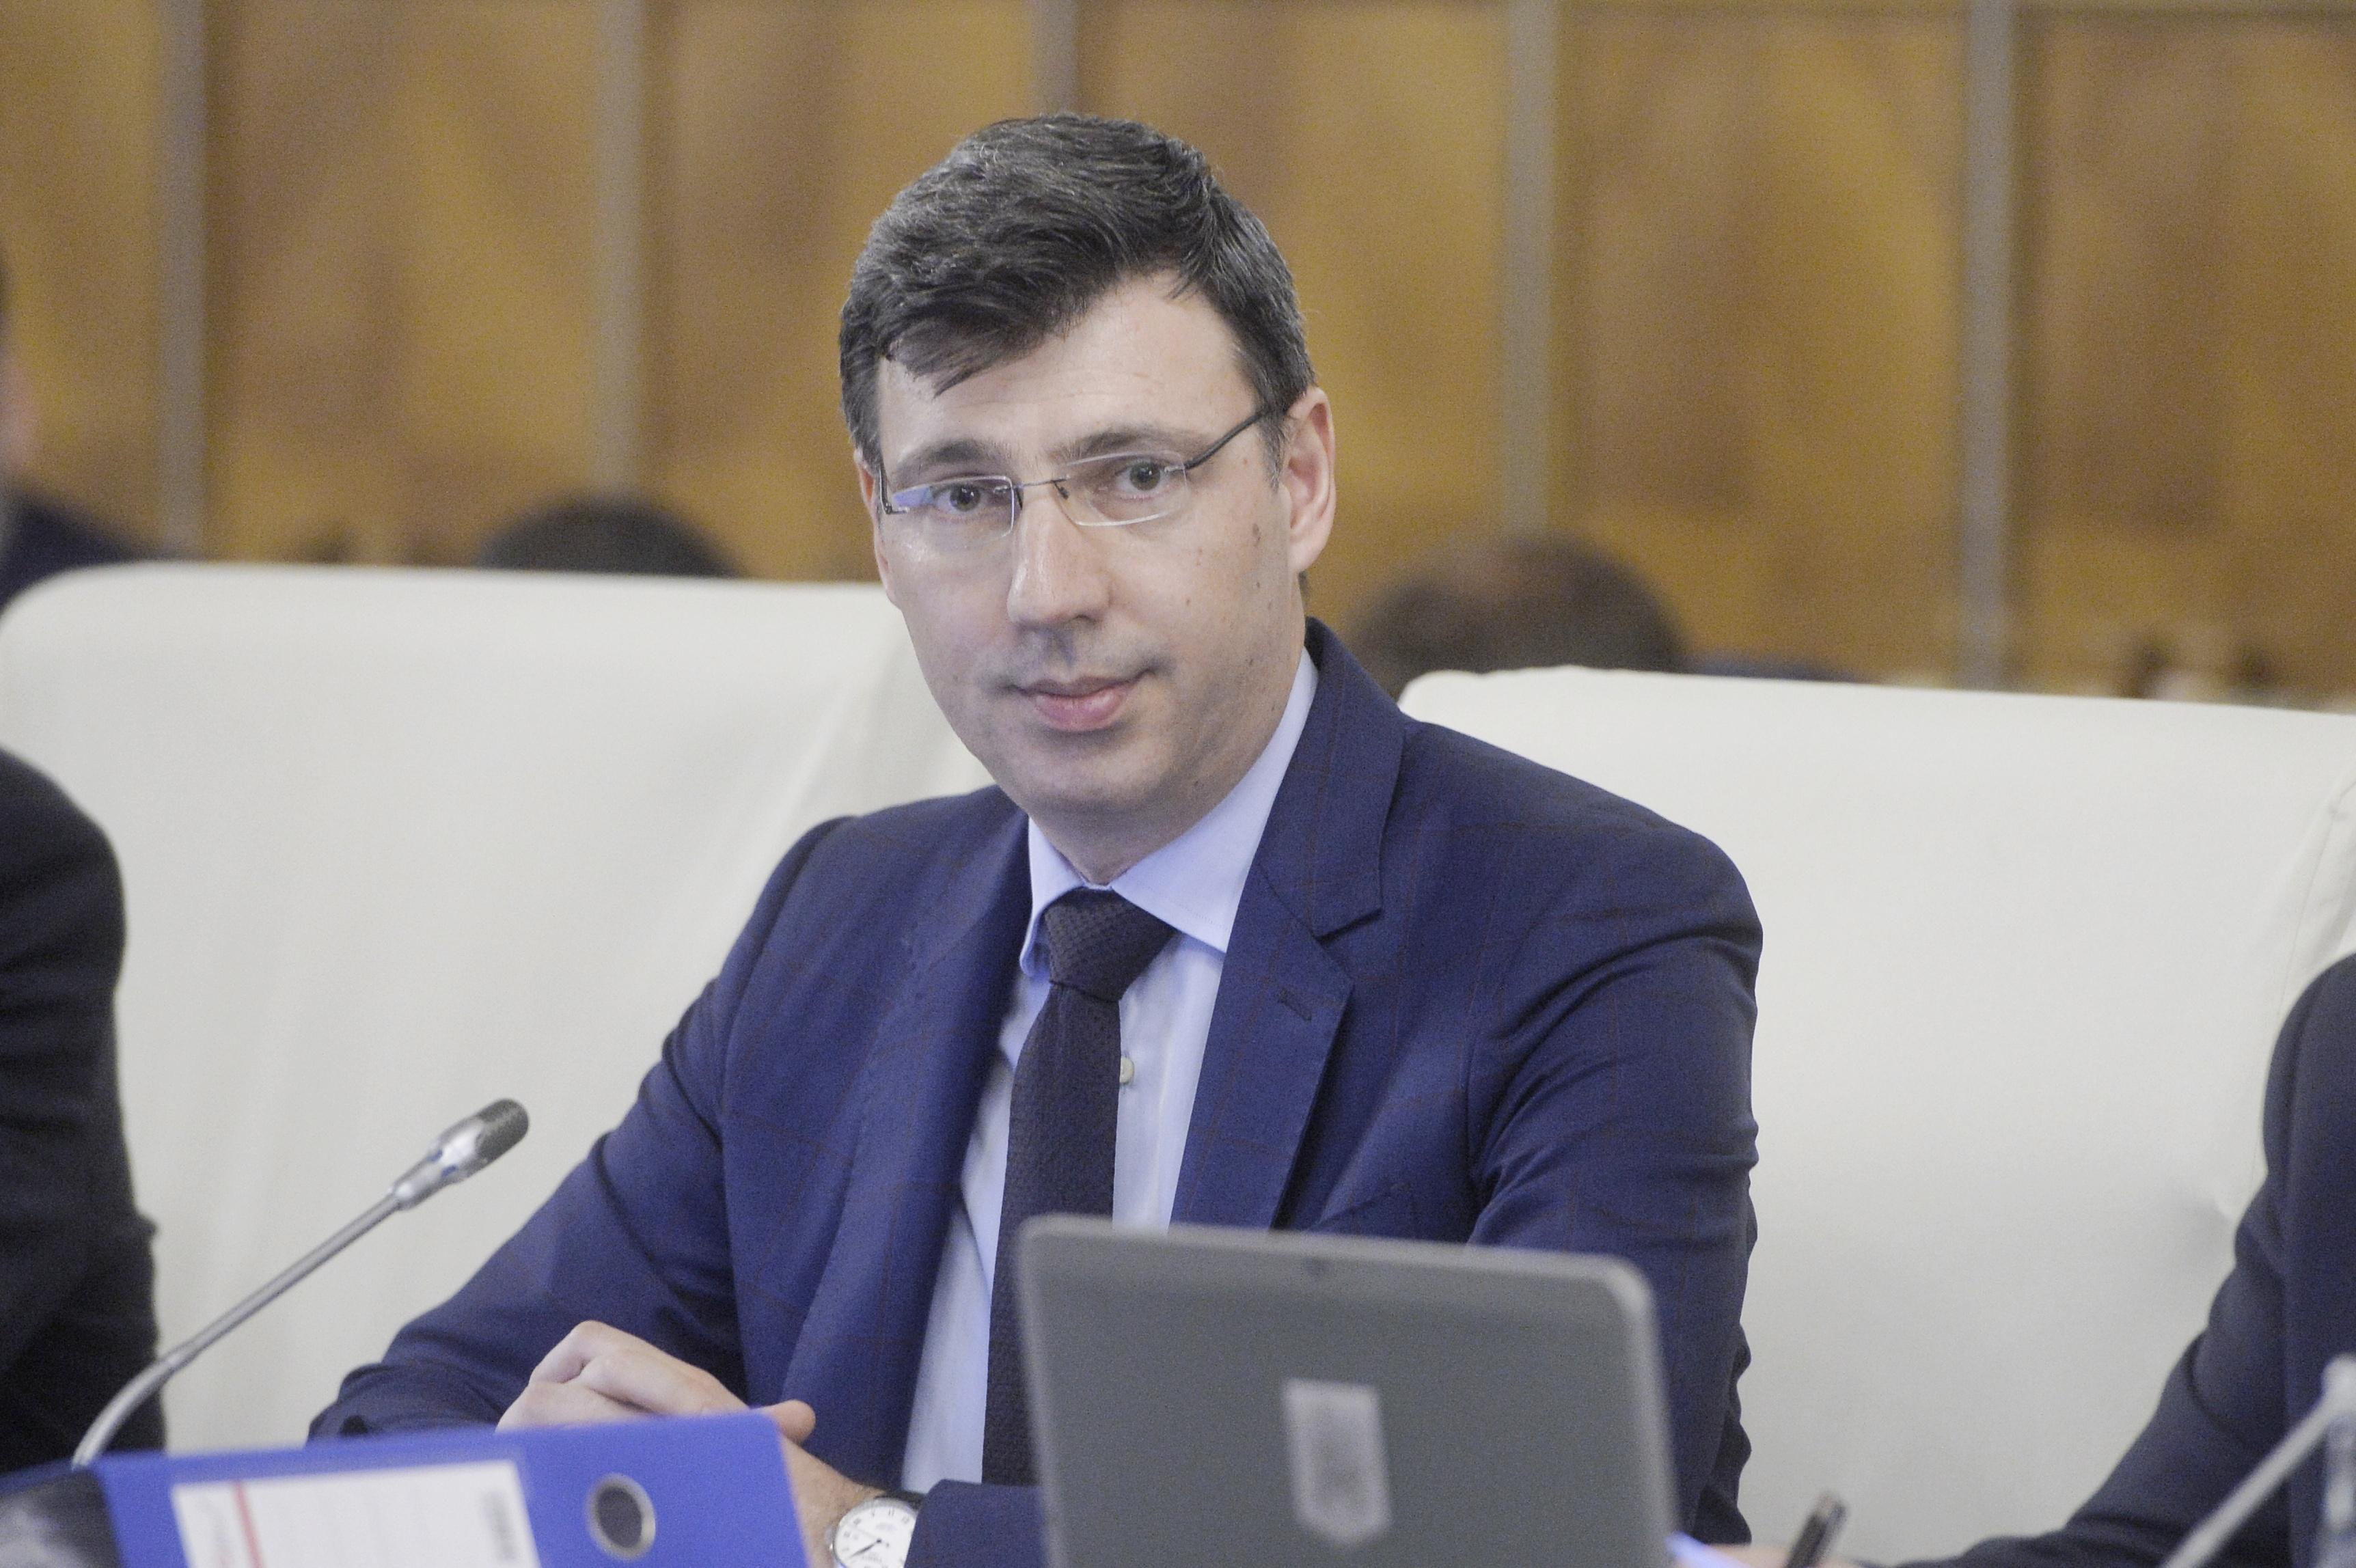 Bugetul asigurărilor sociale pe anul 2018, aprobat în comisiile de buget-finanţe din Parlament